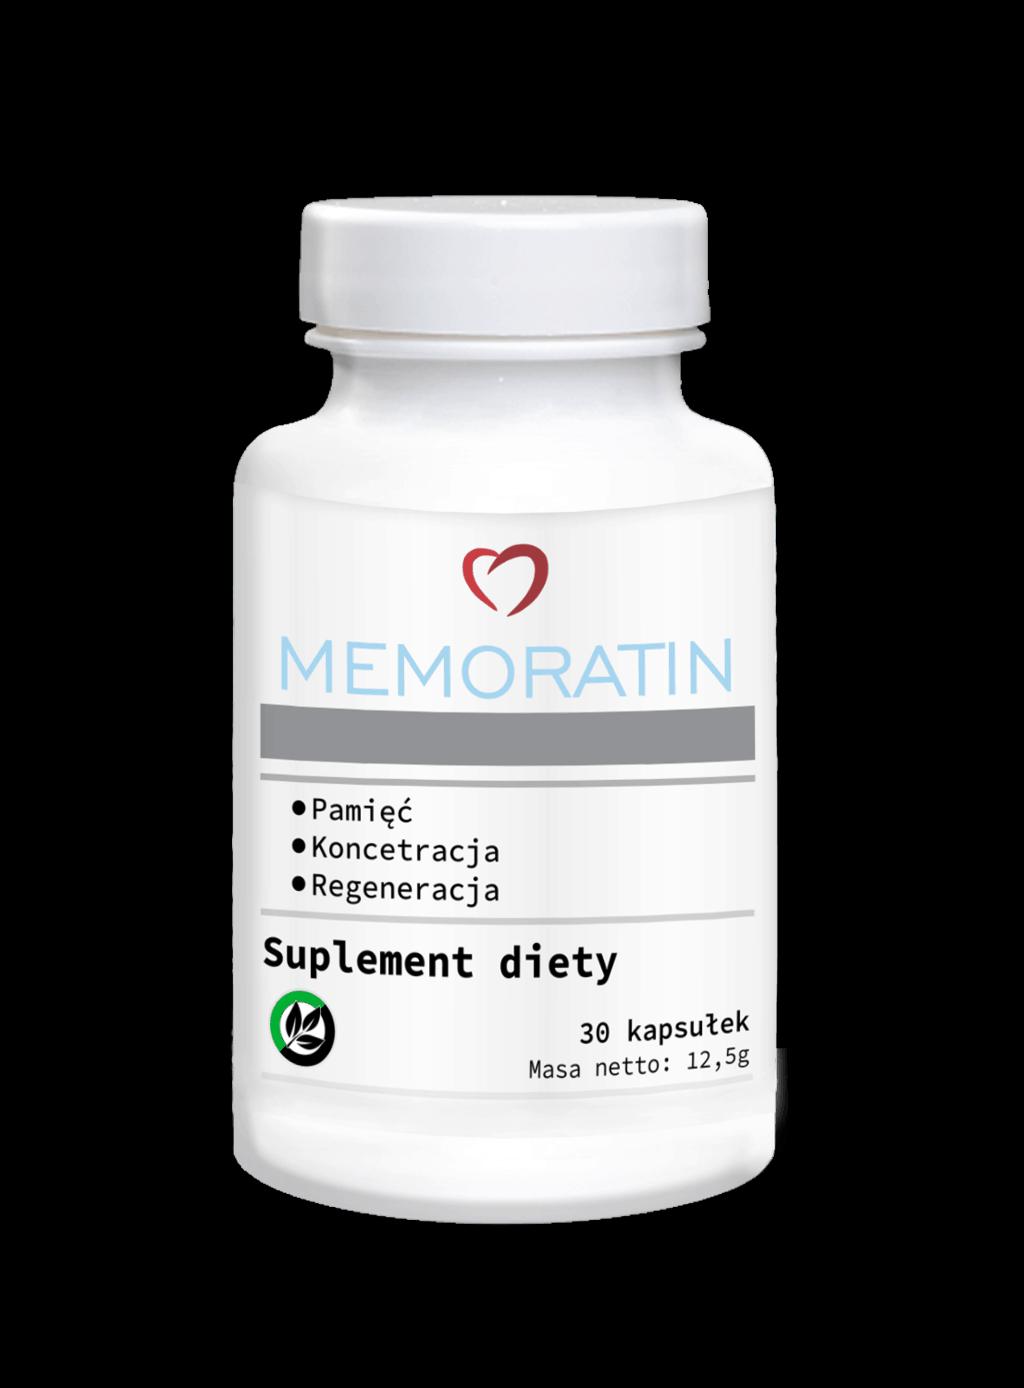 пакет Memoratin